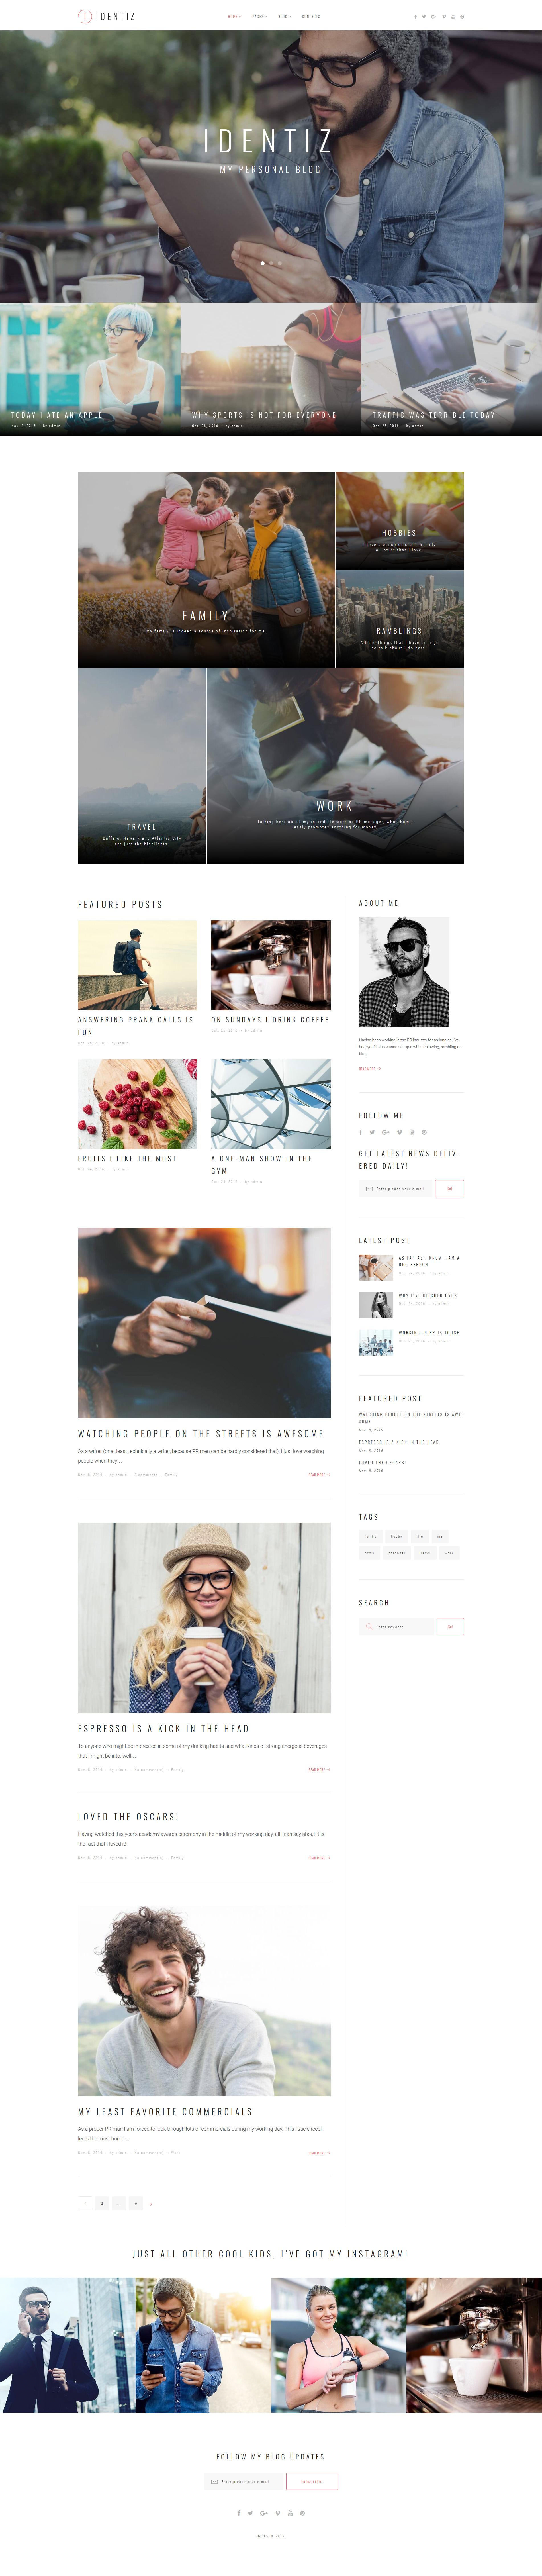 """""""Identiz - Personal Blog"""" Responsive WordPress thema №63592 - screenshot"""